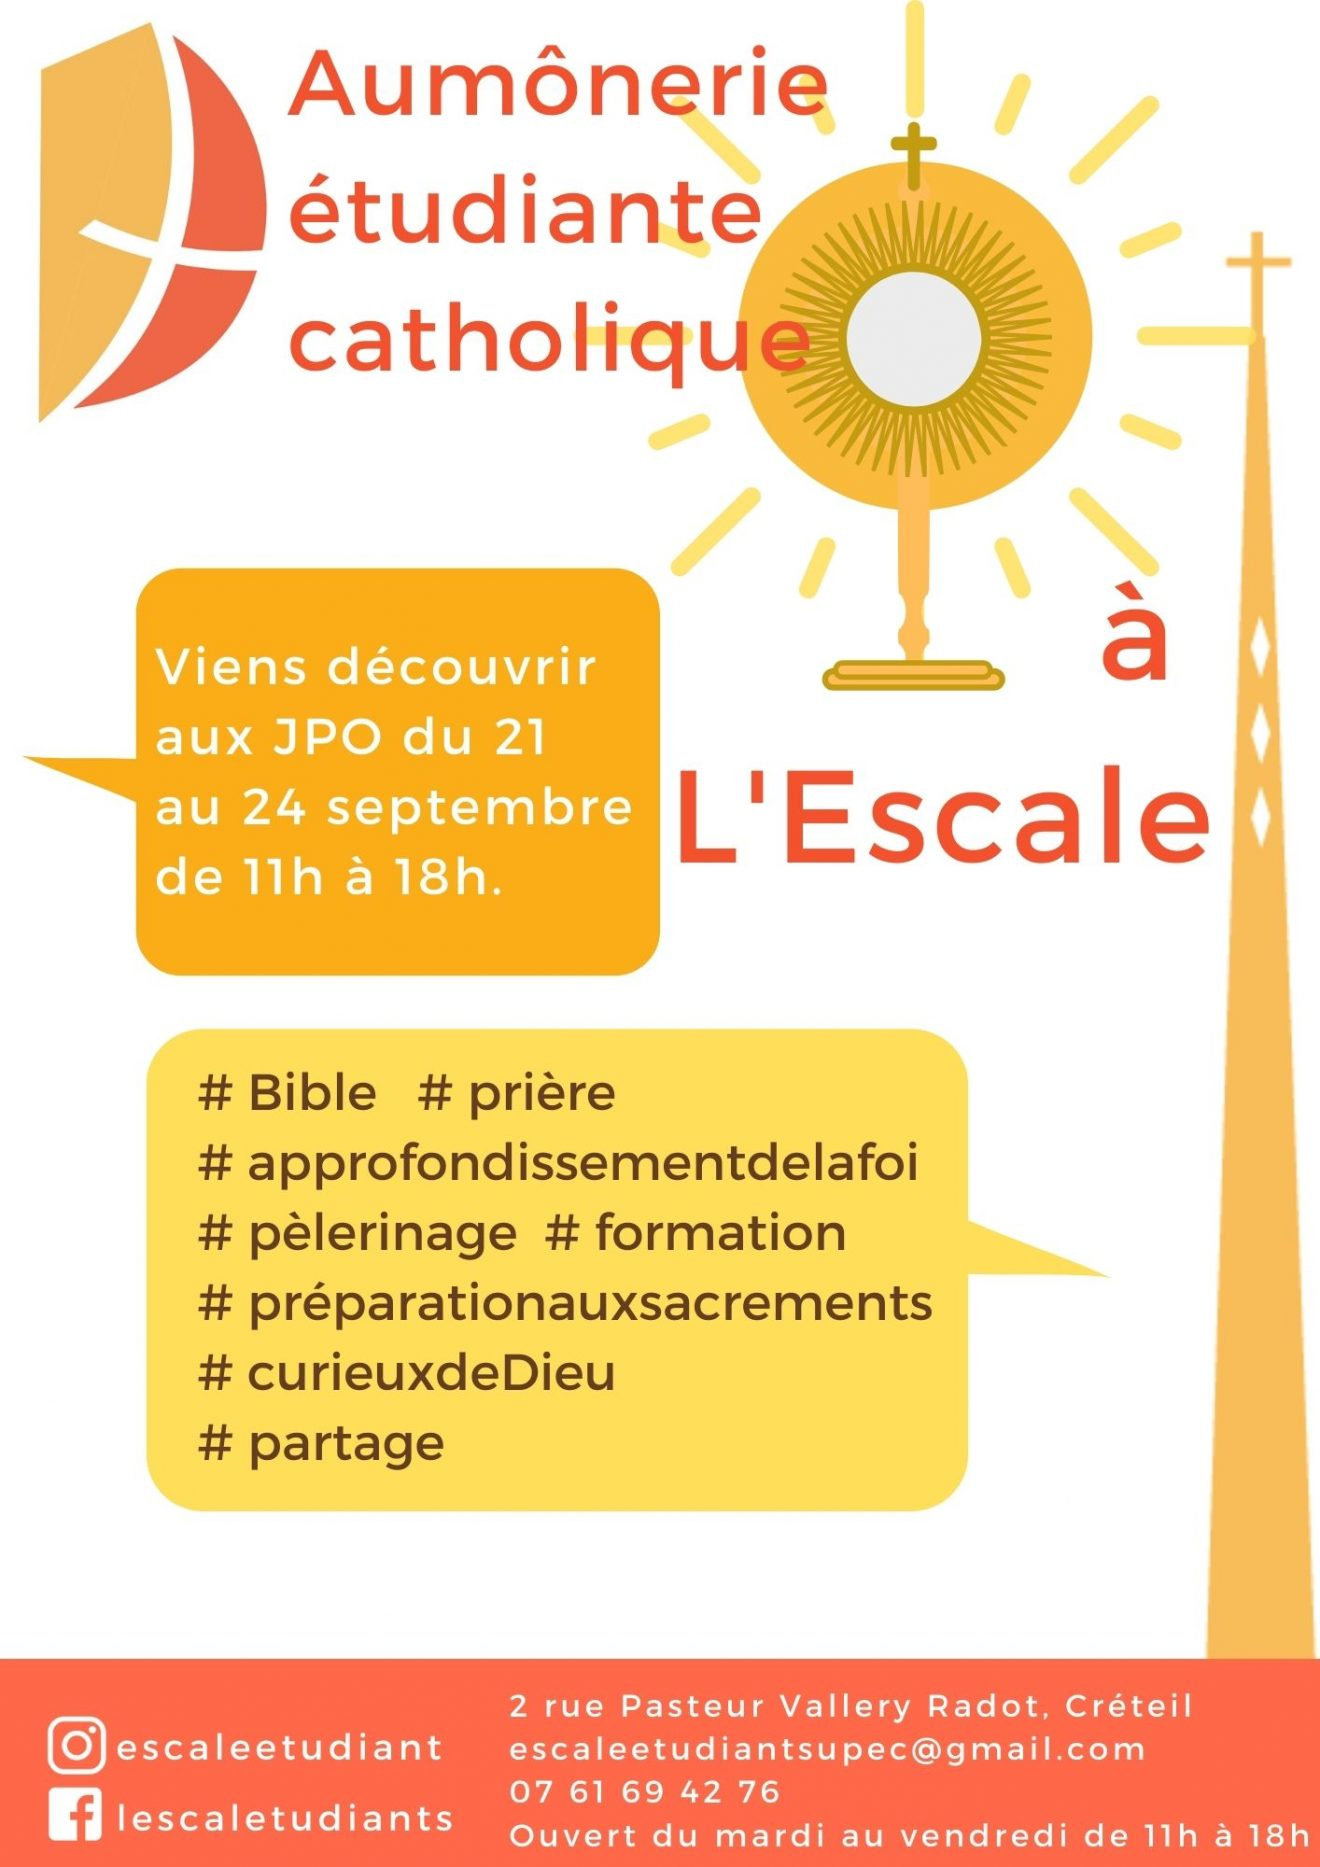 Portes Ouvertes de l'aumônerie catholique étudiante du 21 au 24 septembre 2021